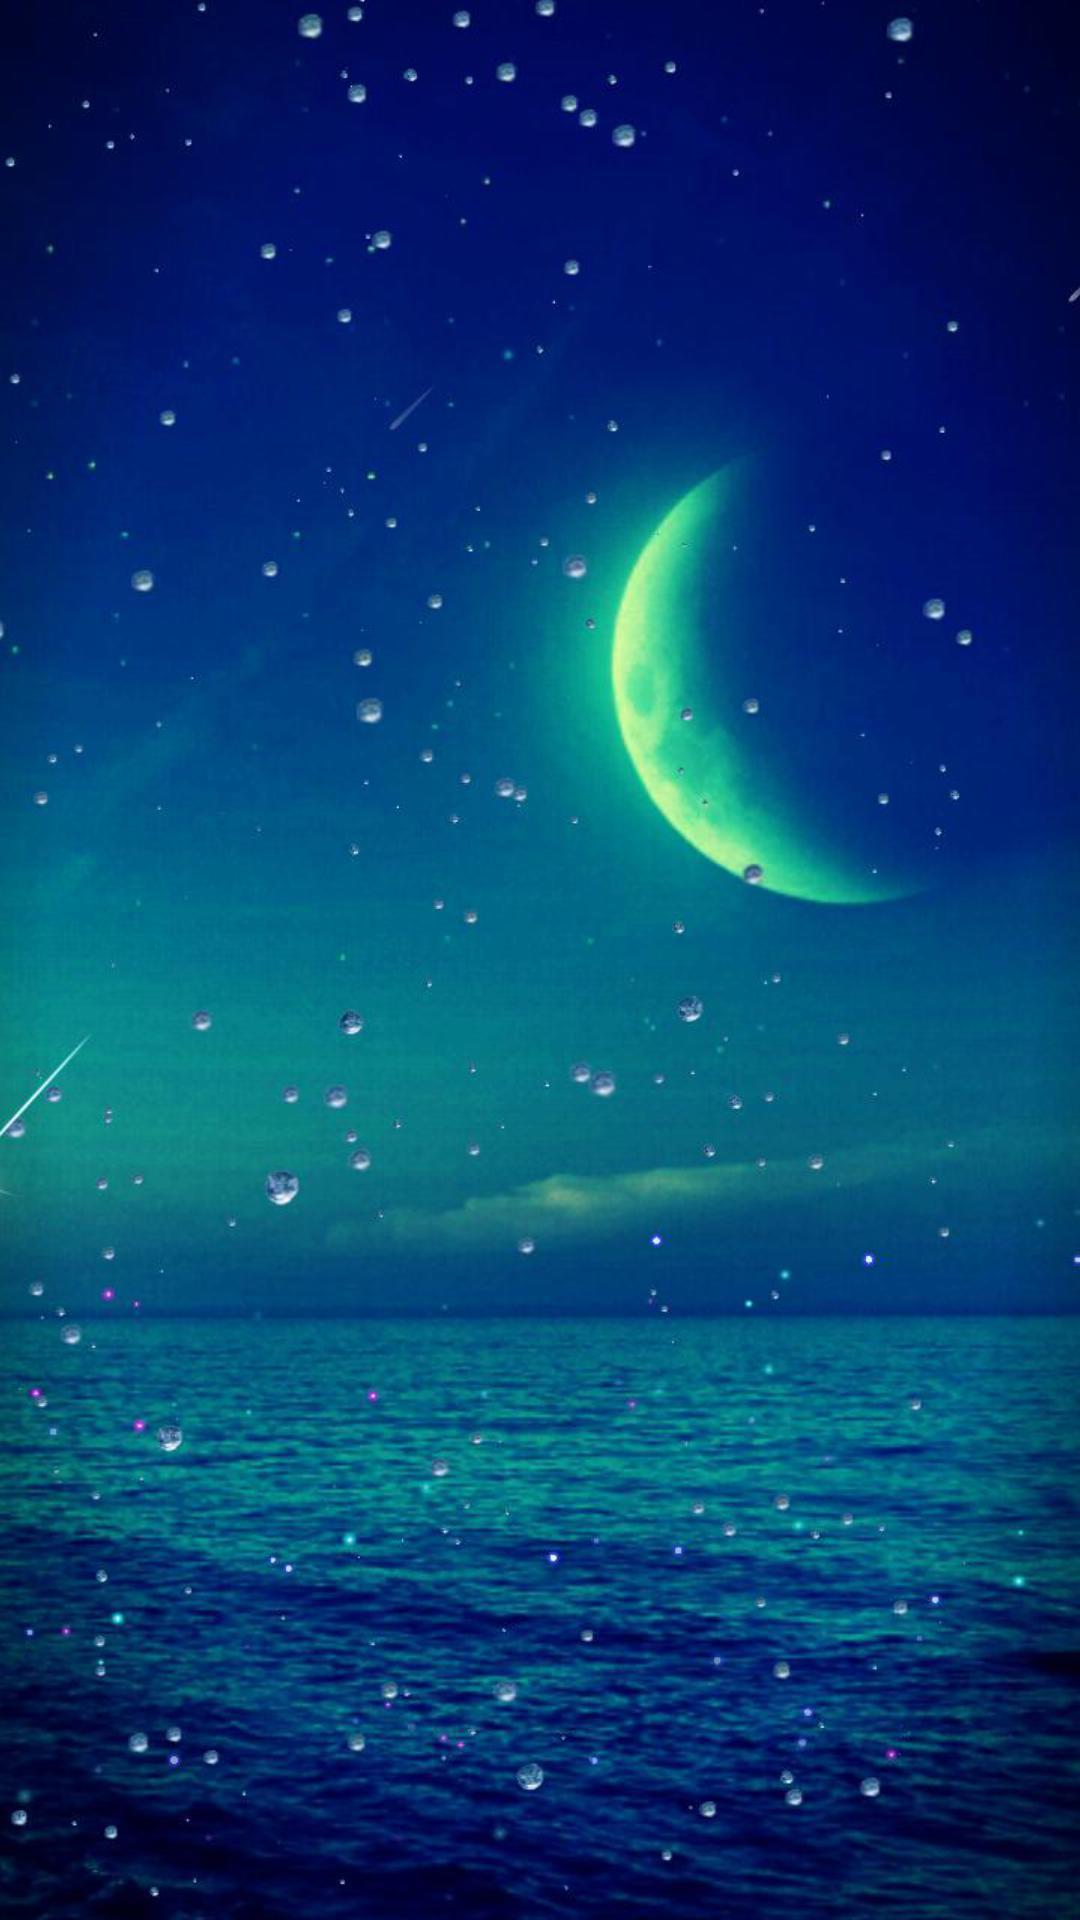 星月神话主题动态壁纸